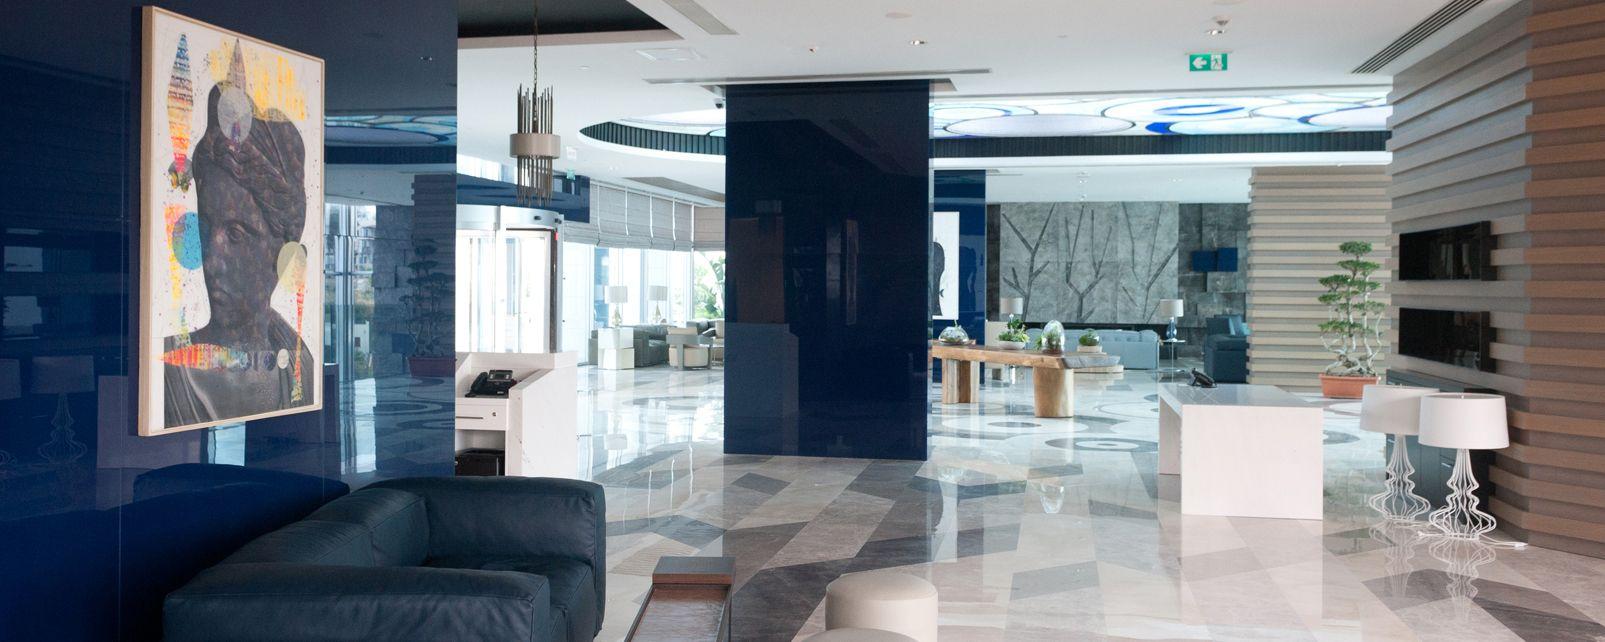 Hôtel JW Marriott Bodrum